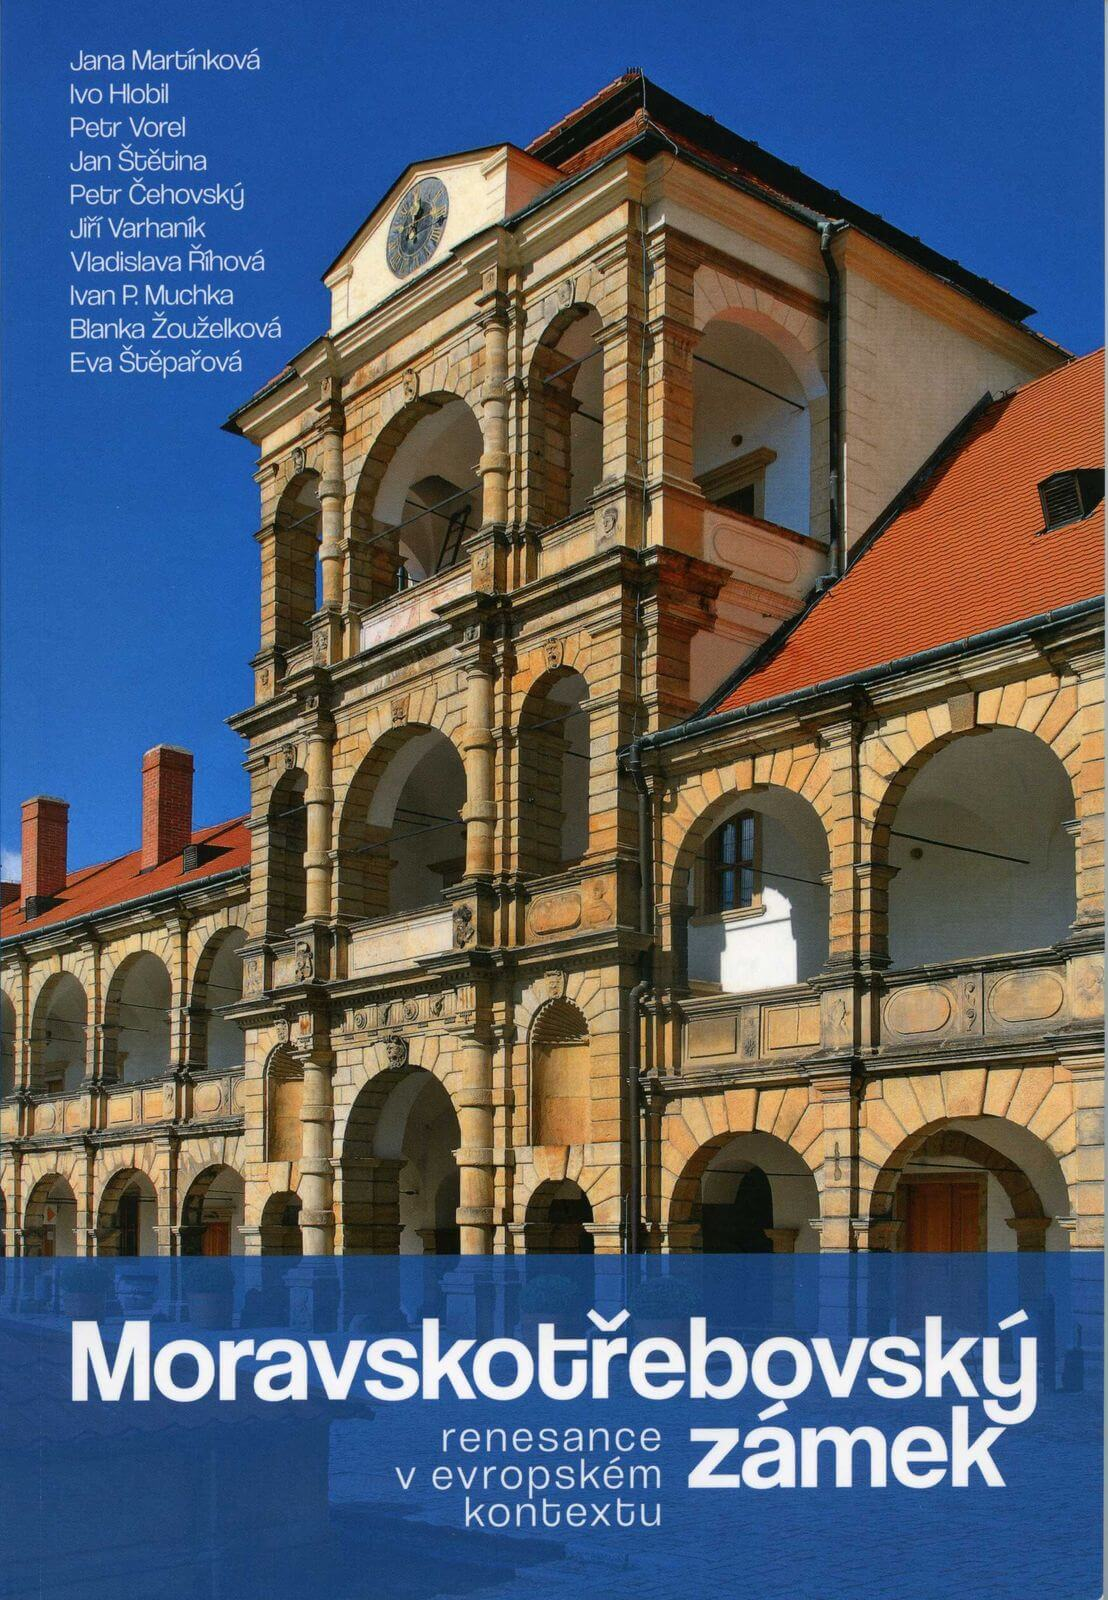 Moravskotřebovský zámek